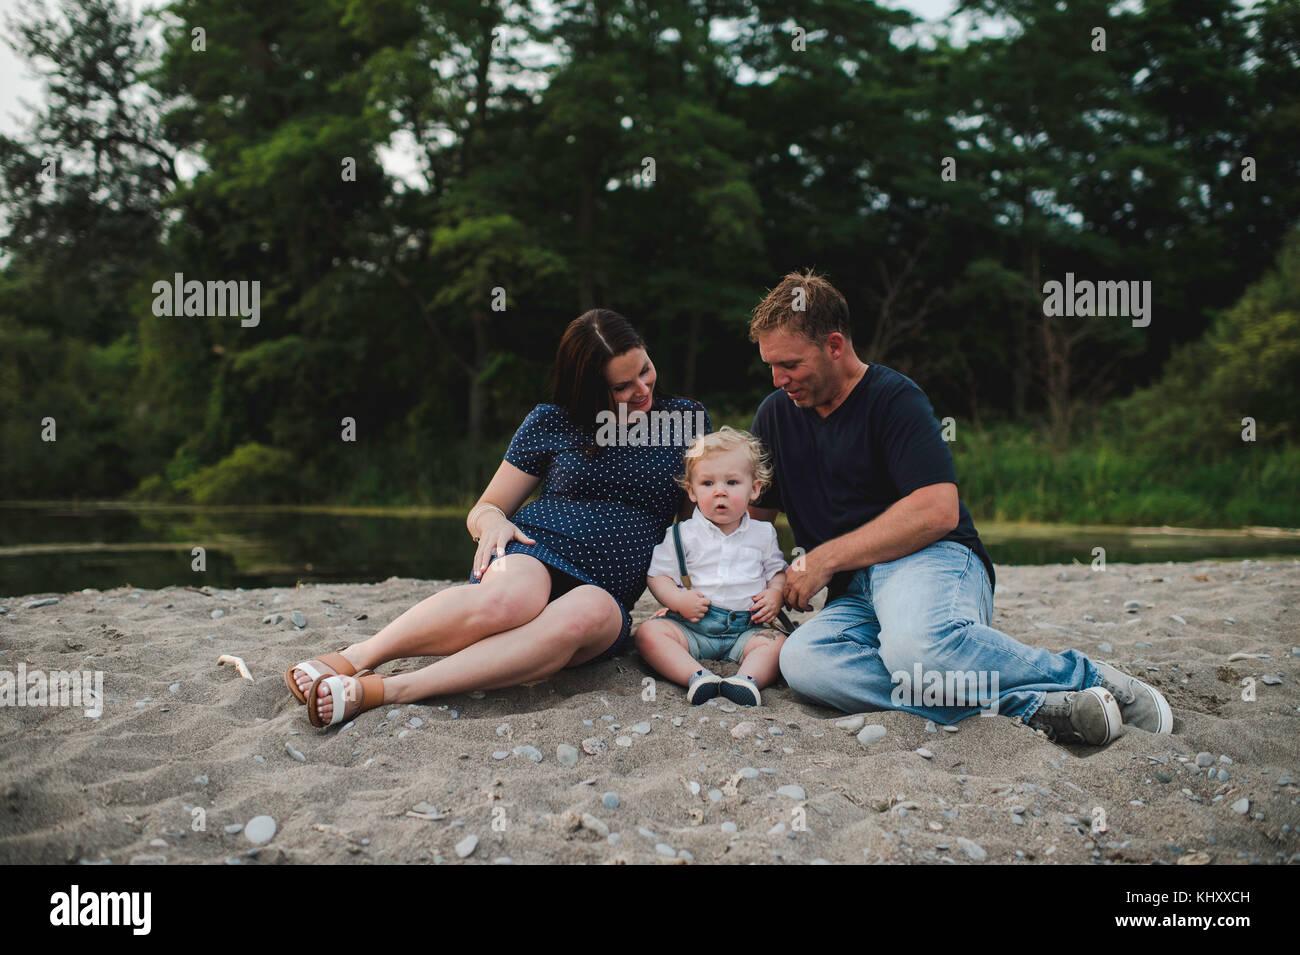 Schwangeren Paare sitzen am Strand mit männlichen Toddlersohn, Lake Ontario, Kanada Stockbild